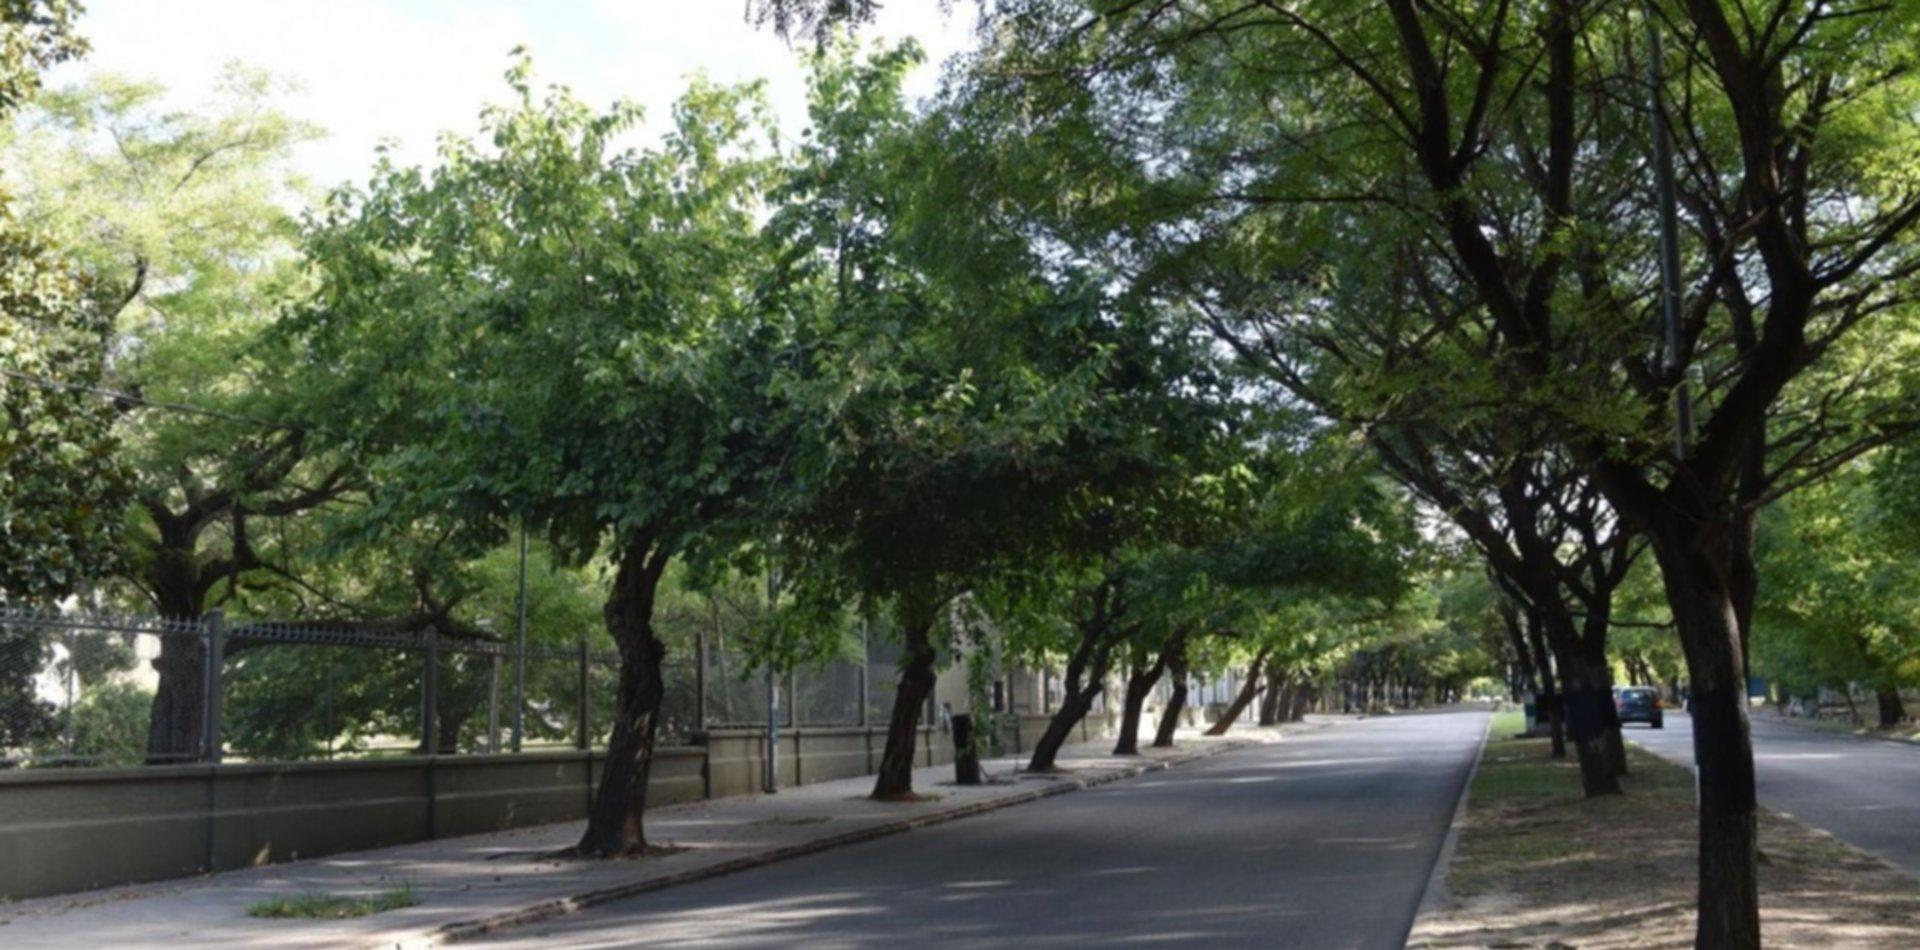 Ambicioso plan del Municipio y la UNLP para mejorar el arbolado en la zona universitaria